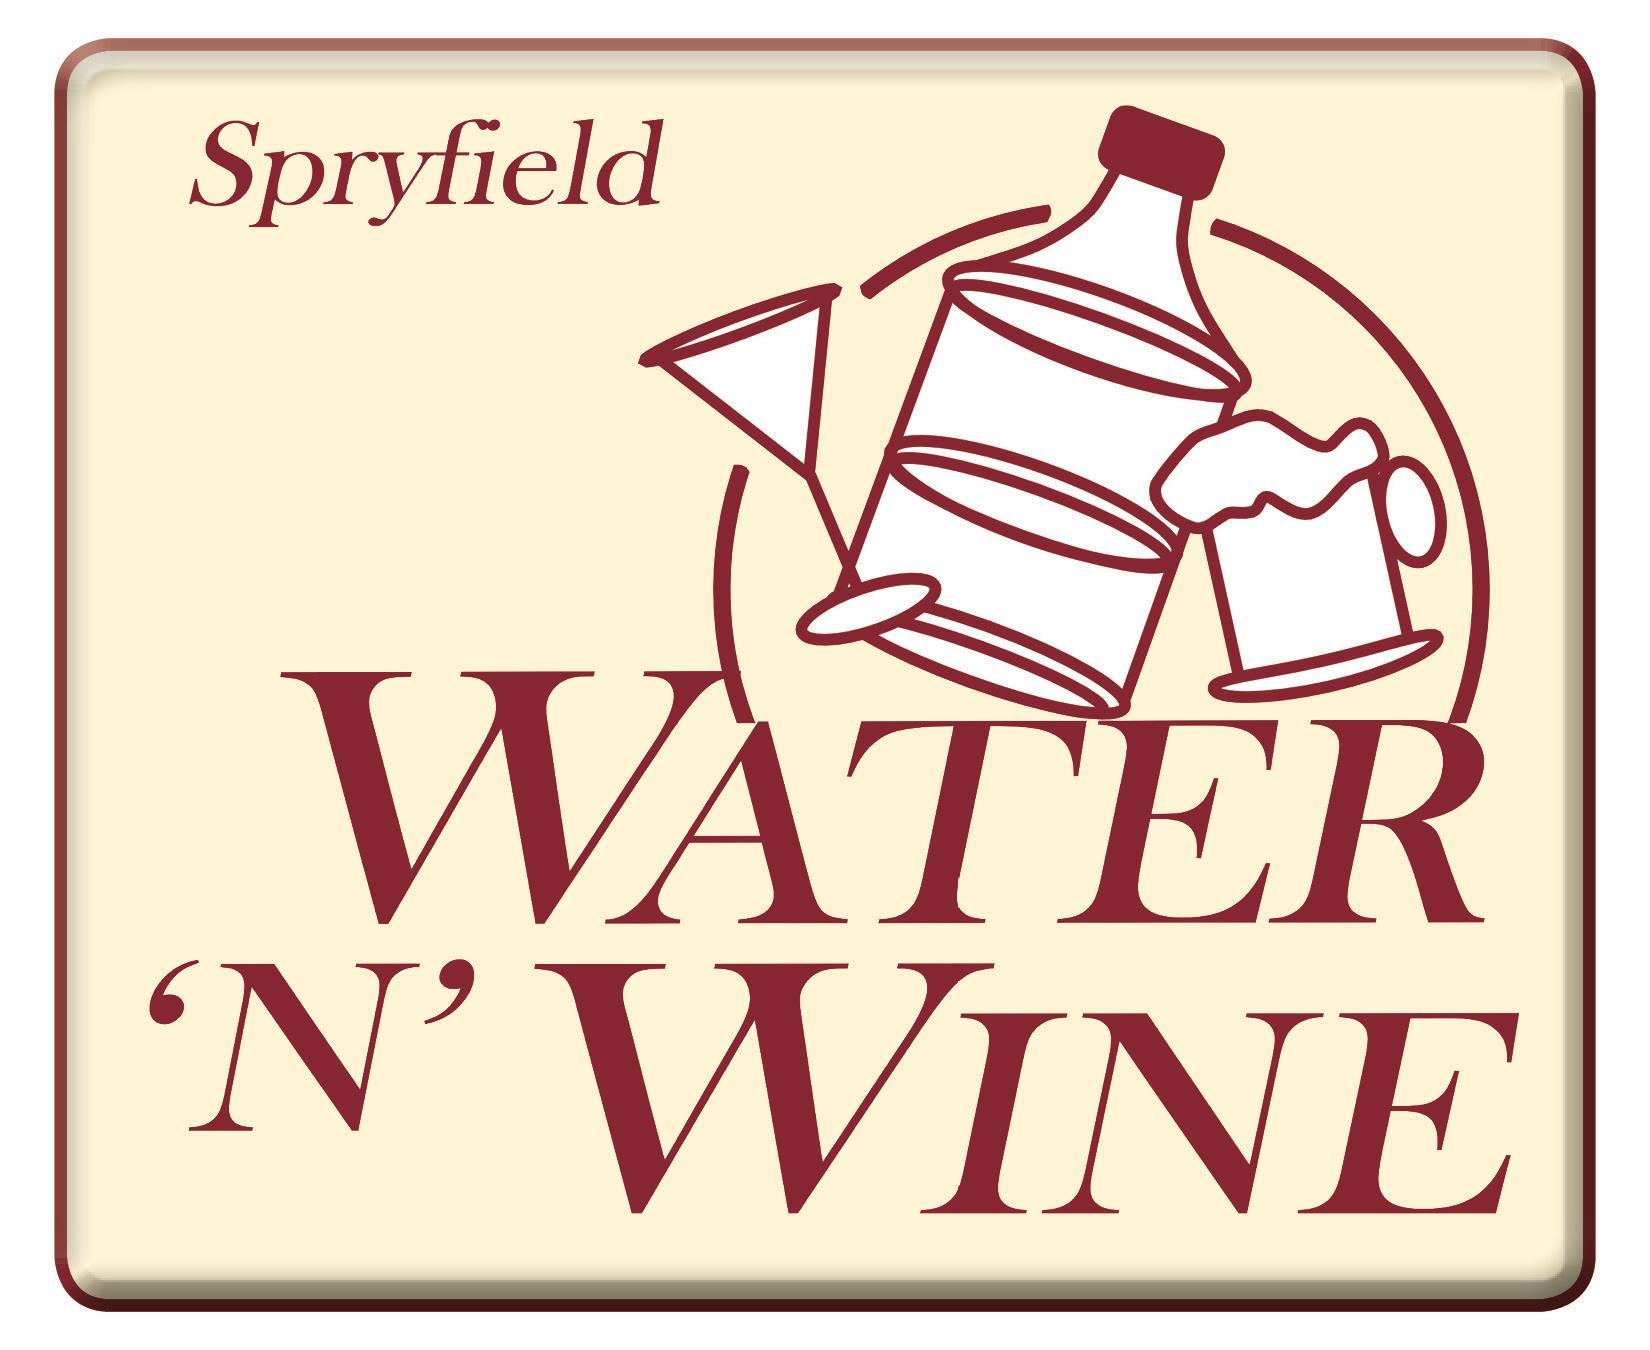 Spryfield Water 'n Wine